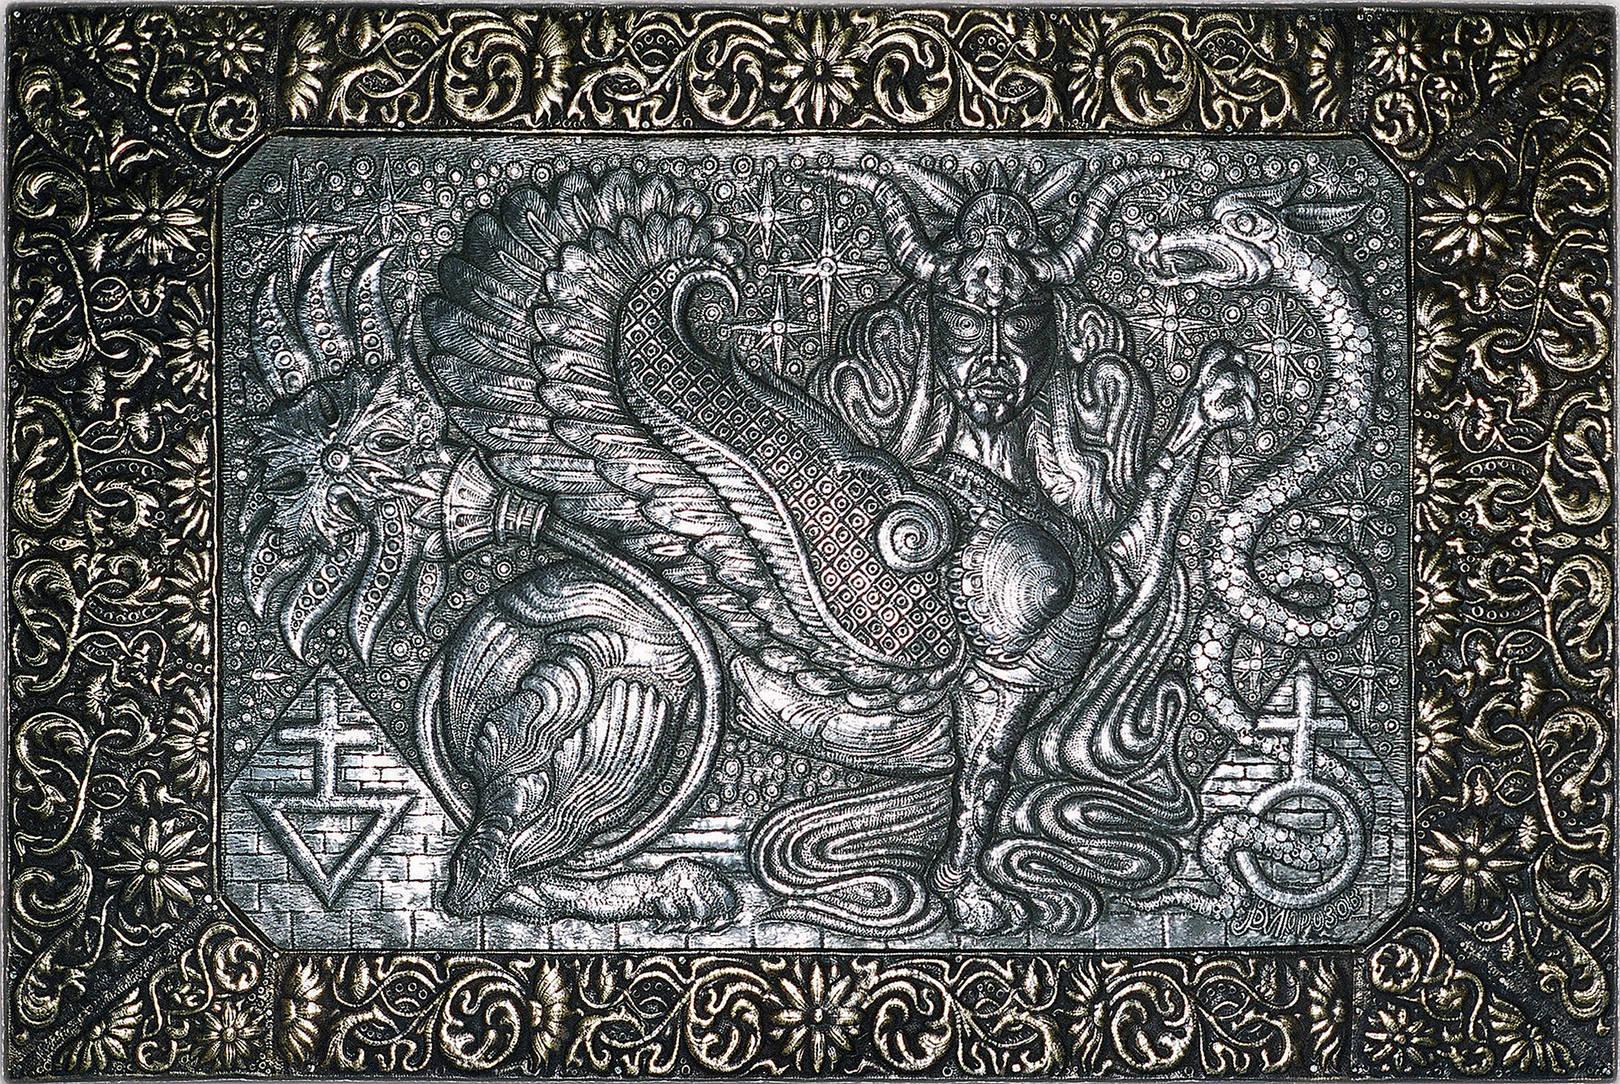 """Сфинкс (панно из триптиха """"Модерн"""") 2004 г.          Алюминий, латунь;       58 х 87 см"""